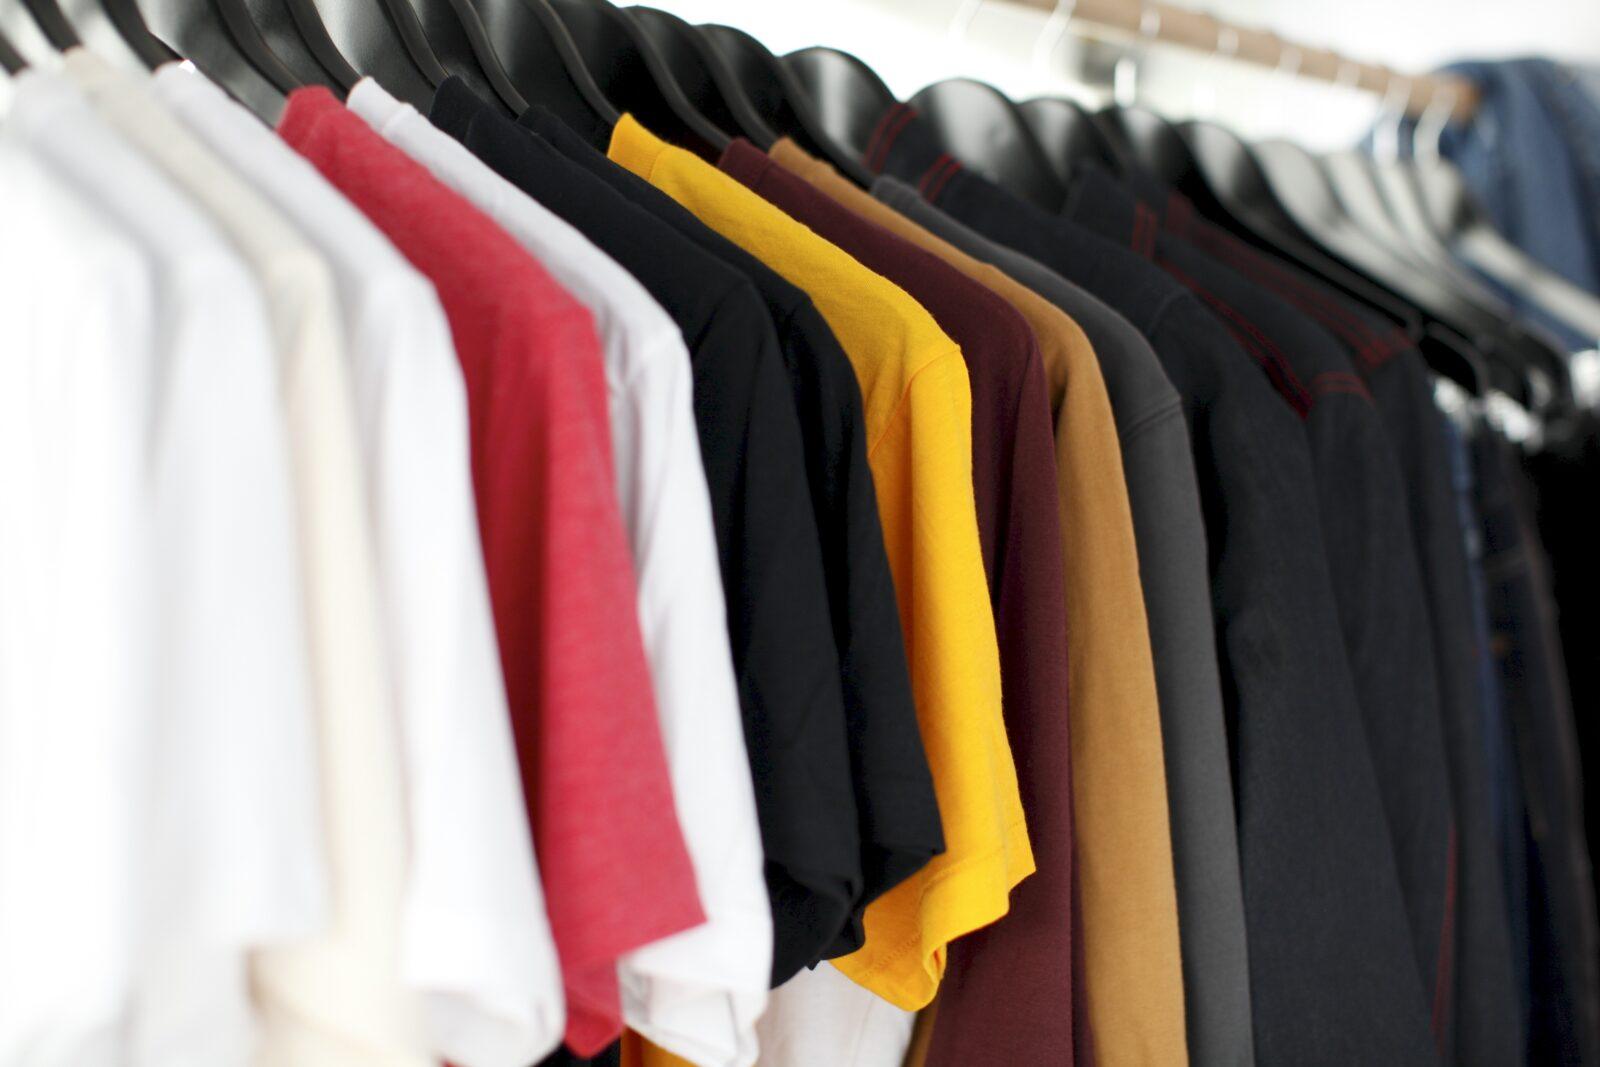 Konkurrencerådet: Danske herretøjsforretninger handlede i strid med konkurrenceloven